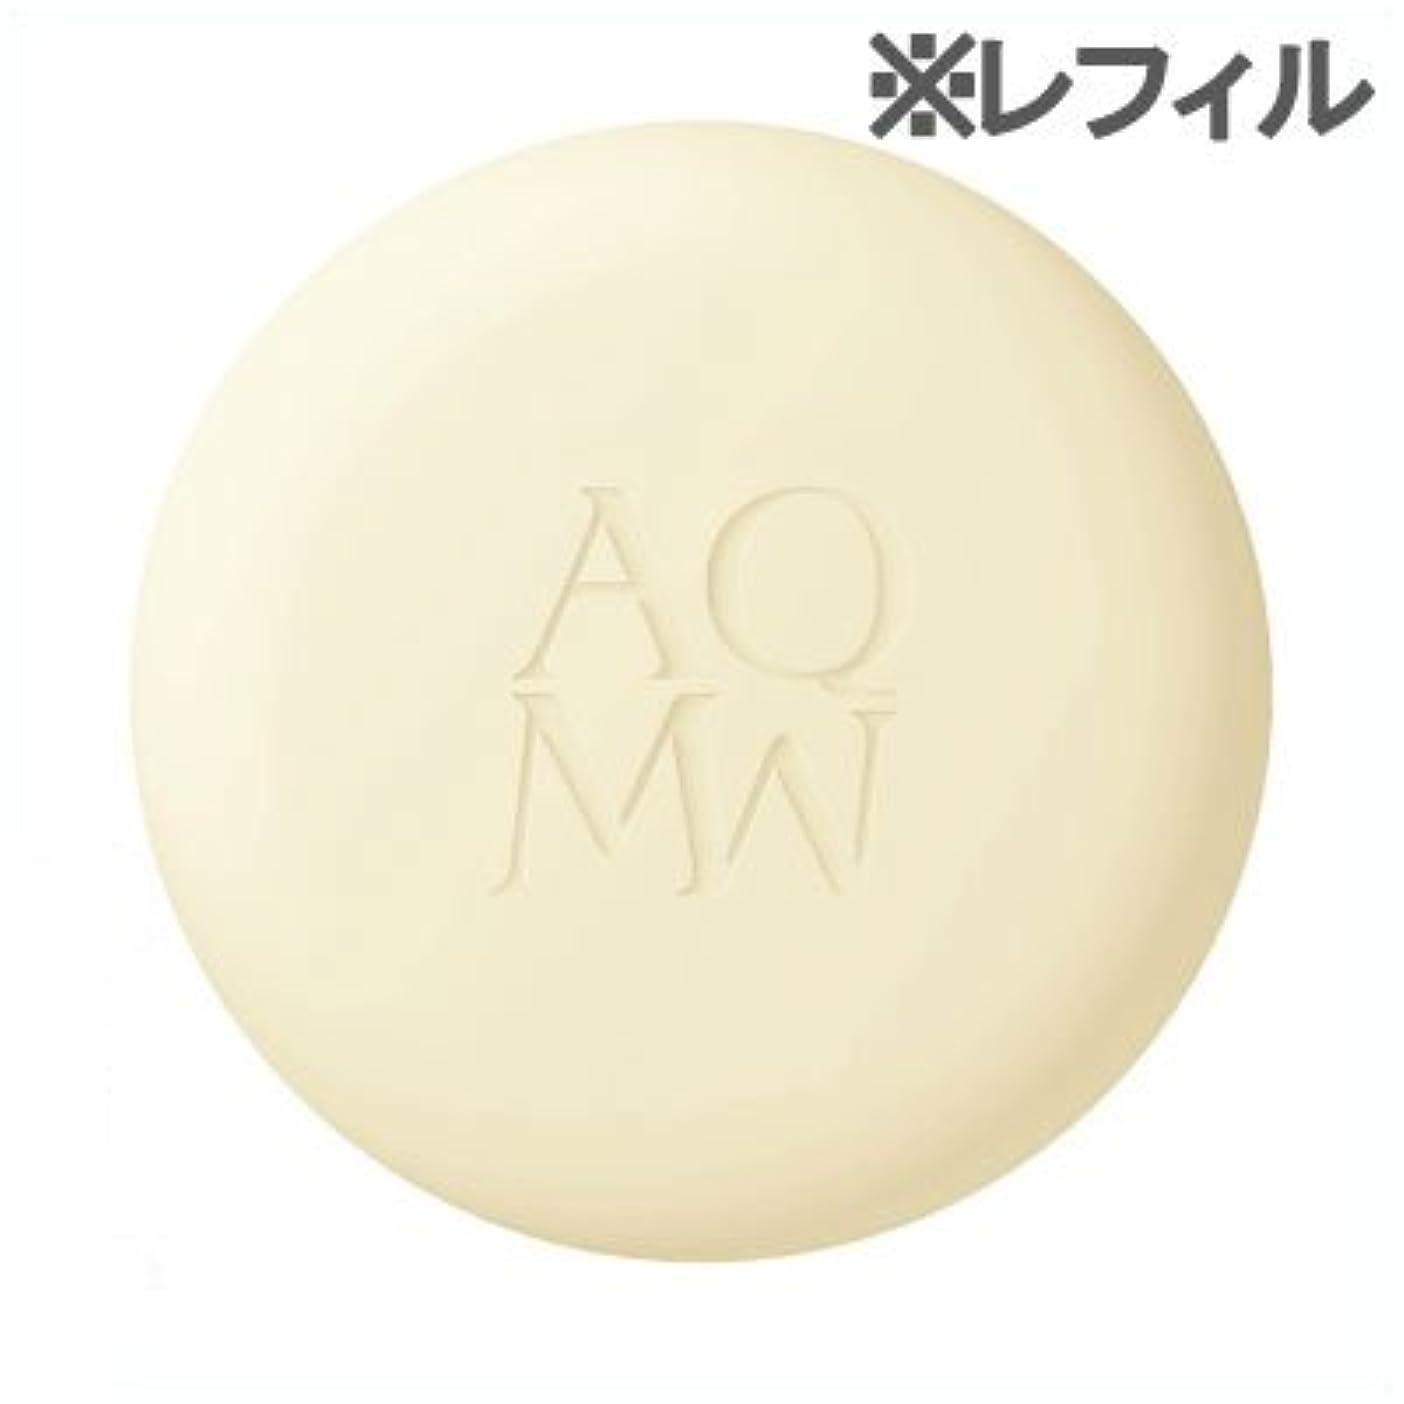 速報速報探検AQ MW フェイシャルバー 100g レフィル